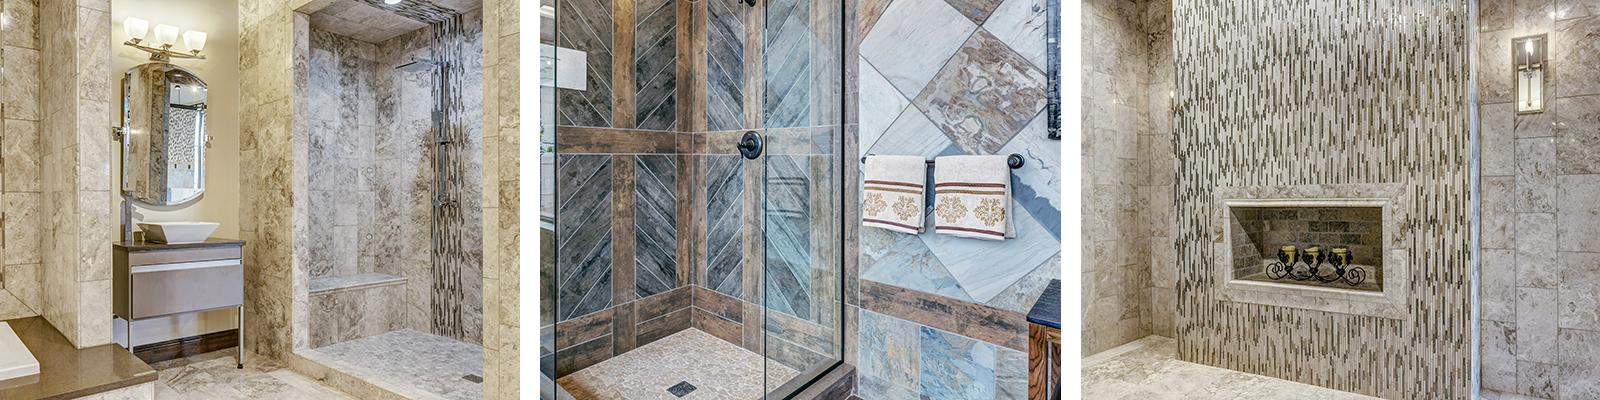 St Louis Tile Company